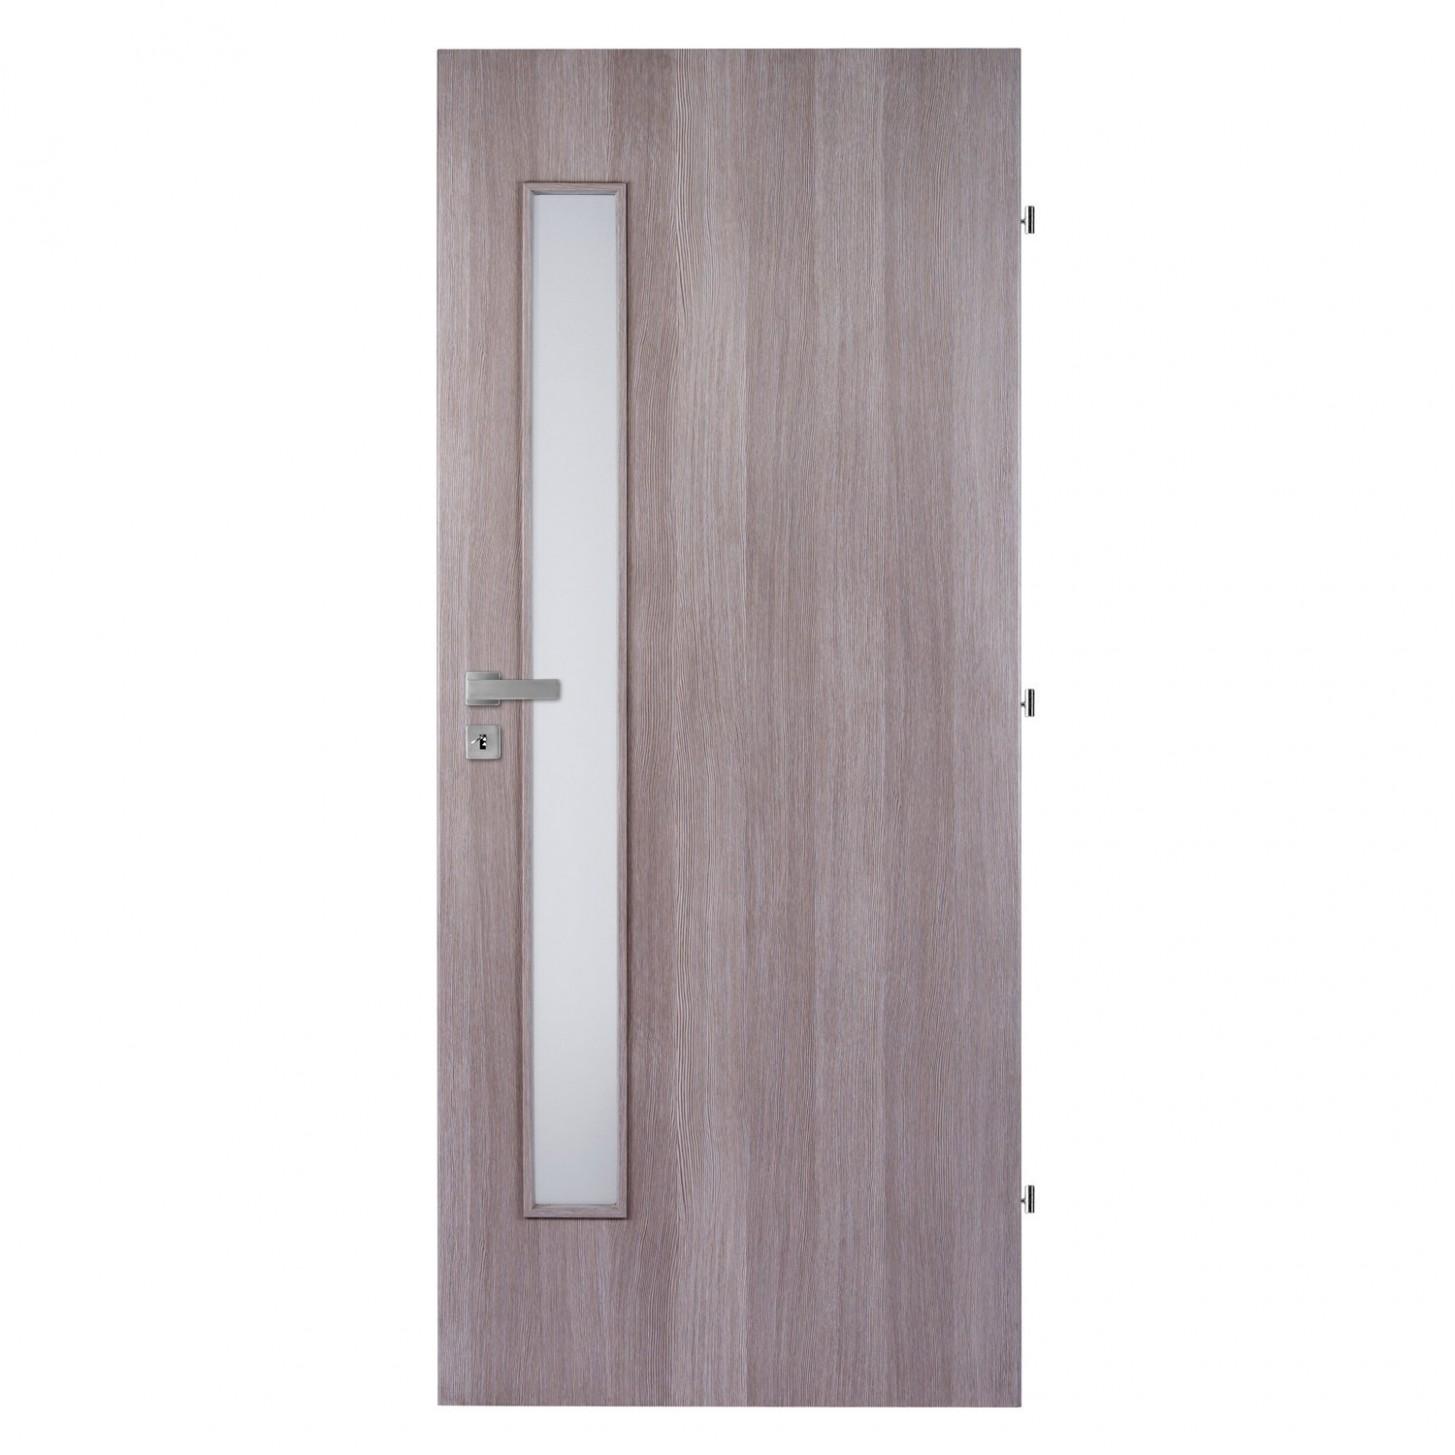 Masonite Interiérové dveře 7 L prosklené dub riflovaný